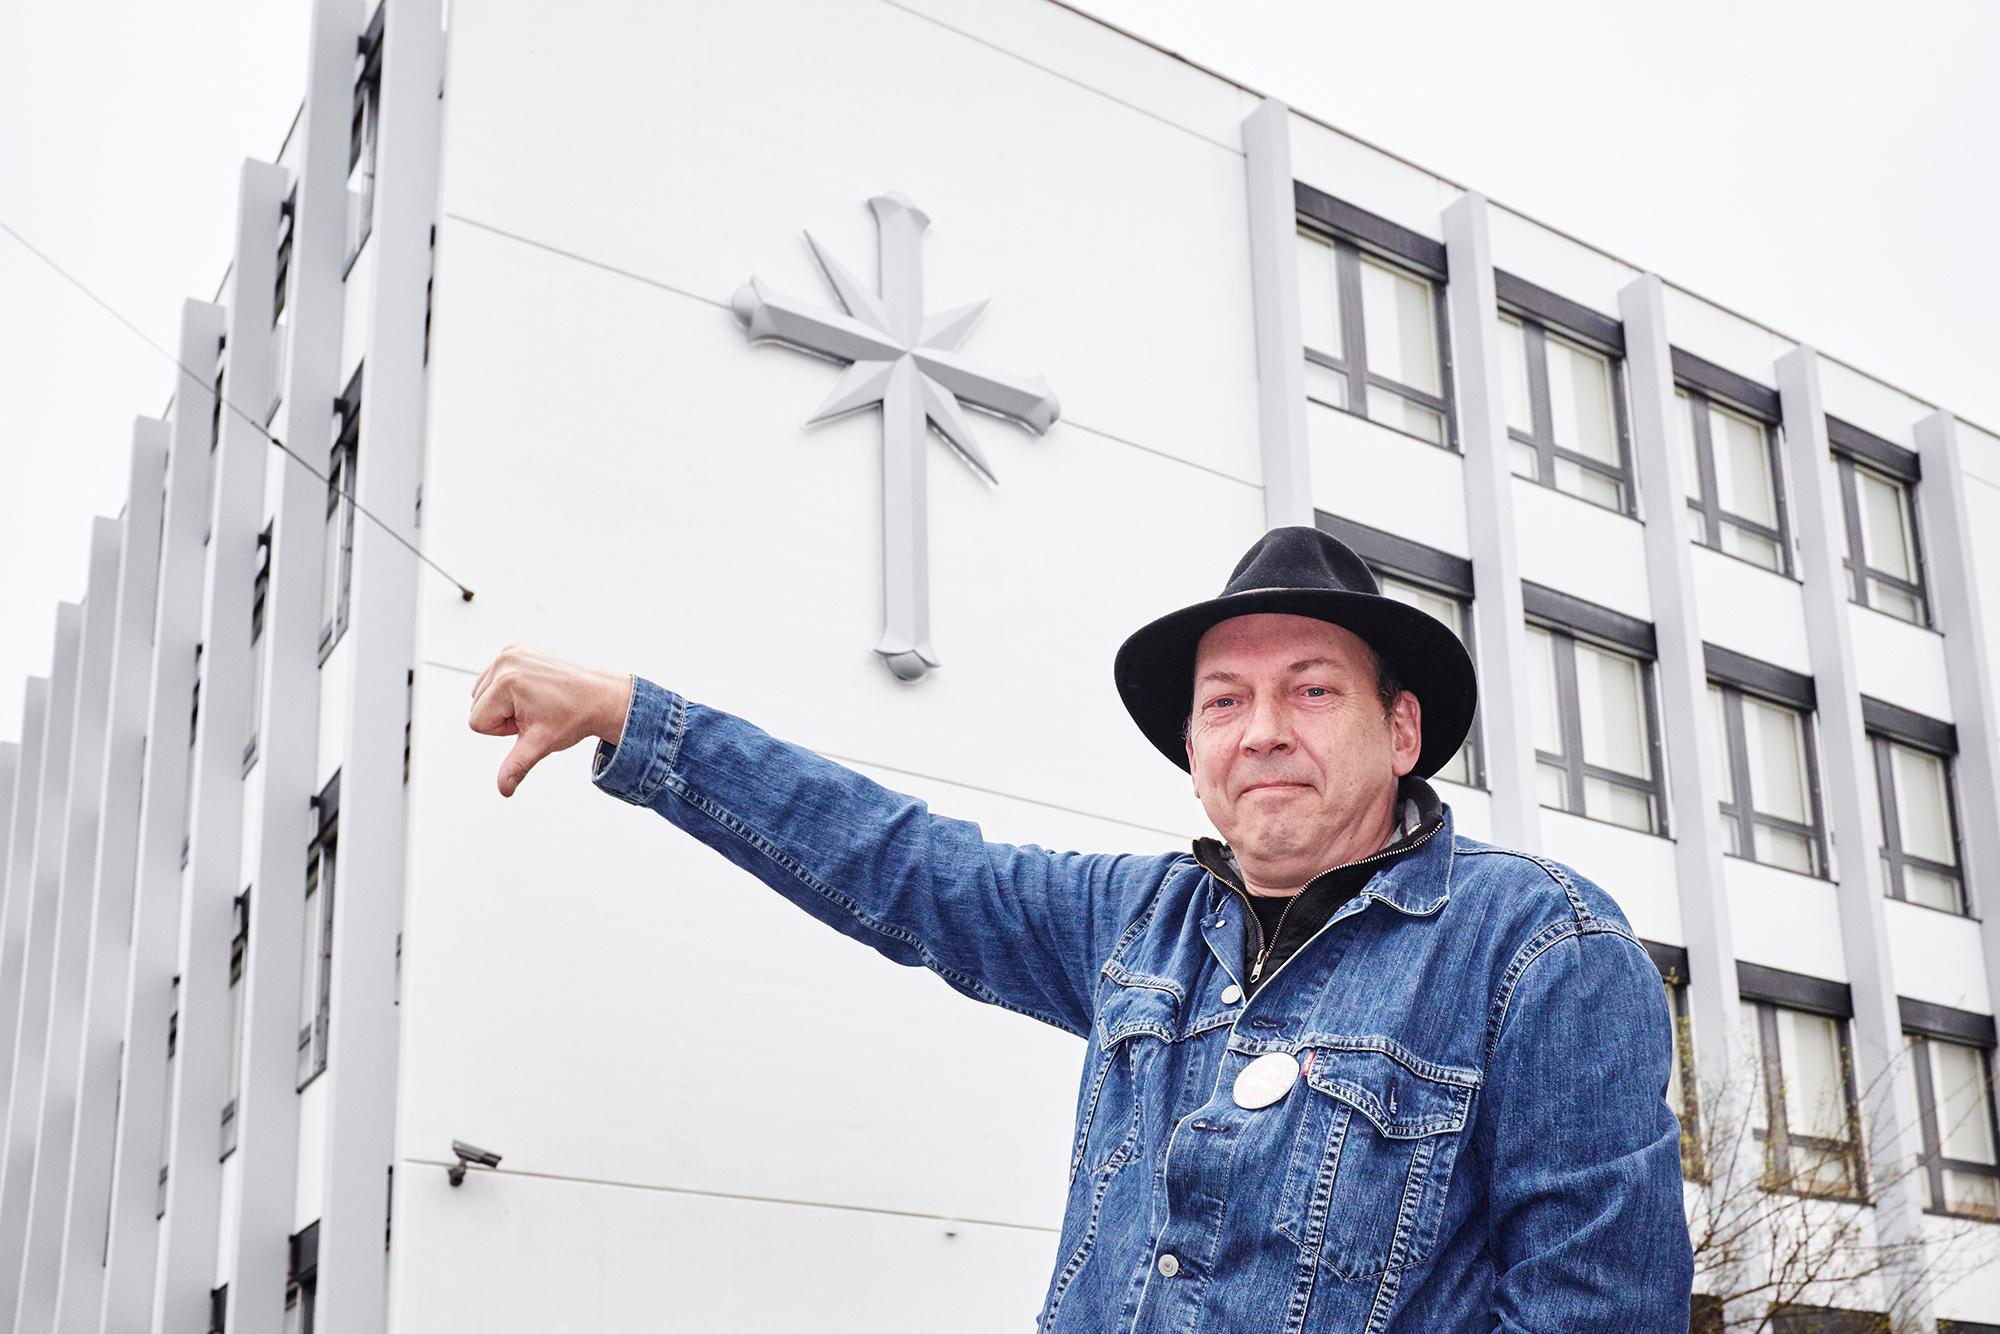 Quartieraktivist Thomas Erlemann hat sich seine Meinung über die neue Scientology-Zentrale gebildet.